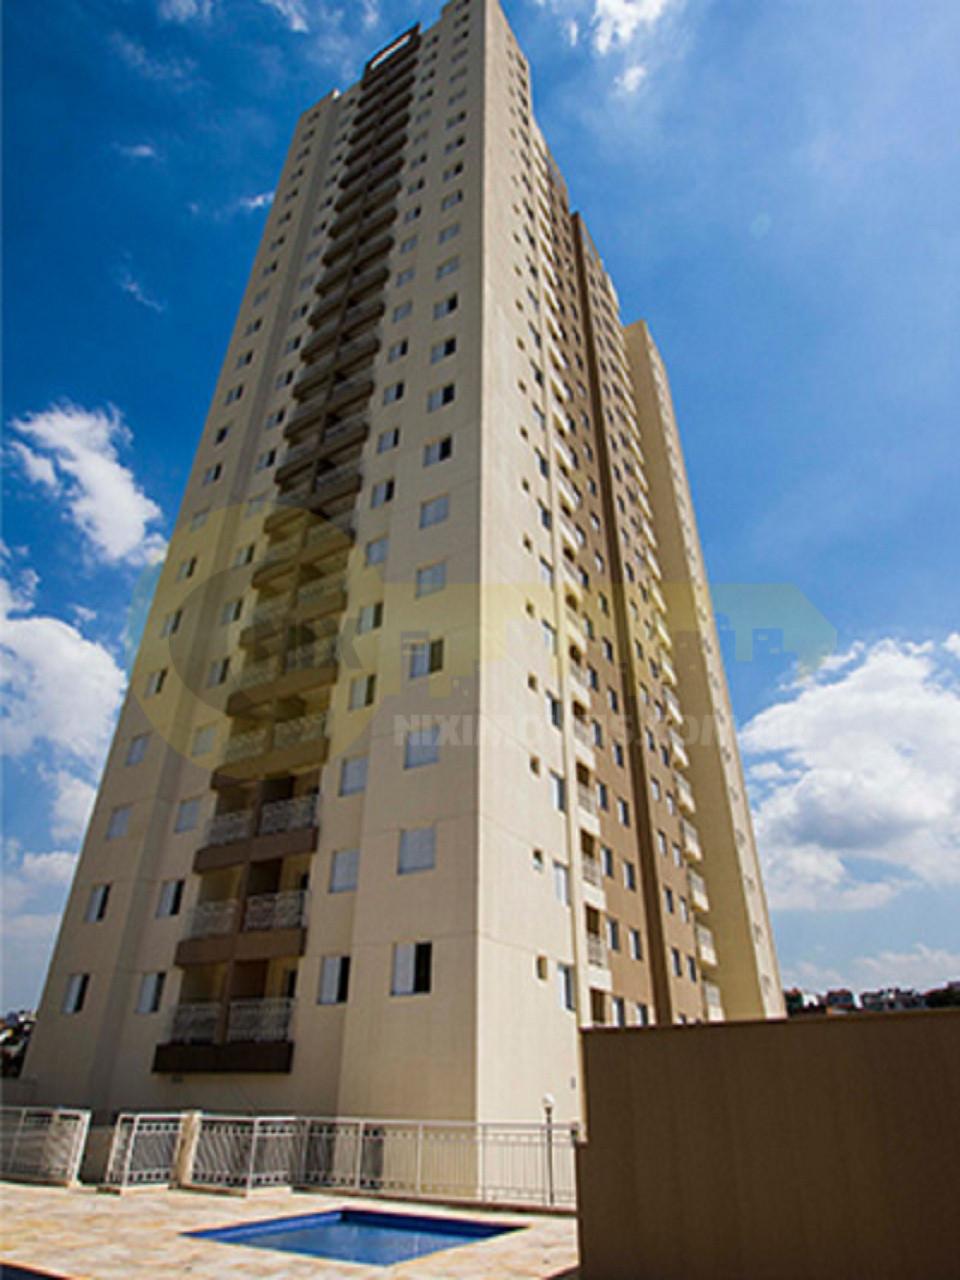 Apartamento Aluguel Butanta Mobiliado USP Medicina a 100m portão de entrada do Hospital Universitário. 2 quartos, varanda. Condomínio completo. Portaria 24h